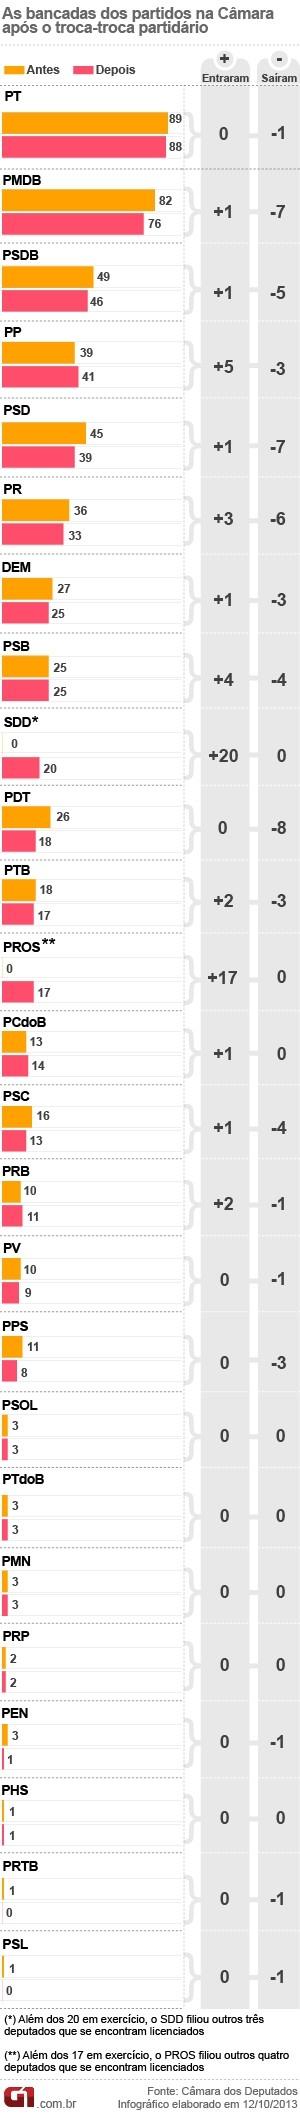 Troca-troca partidário gera prejuízo para maioria dos grandes partidos